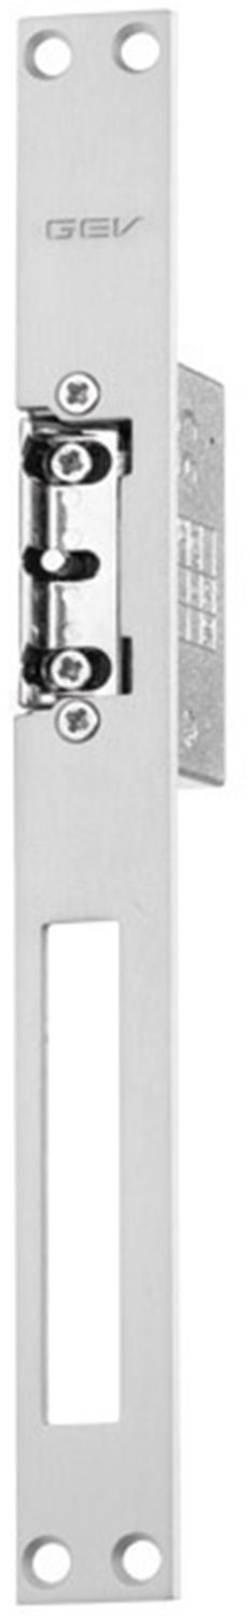 Image of GEV 007697 Elektrischer Türöffner mit Entriegelung